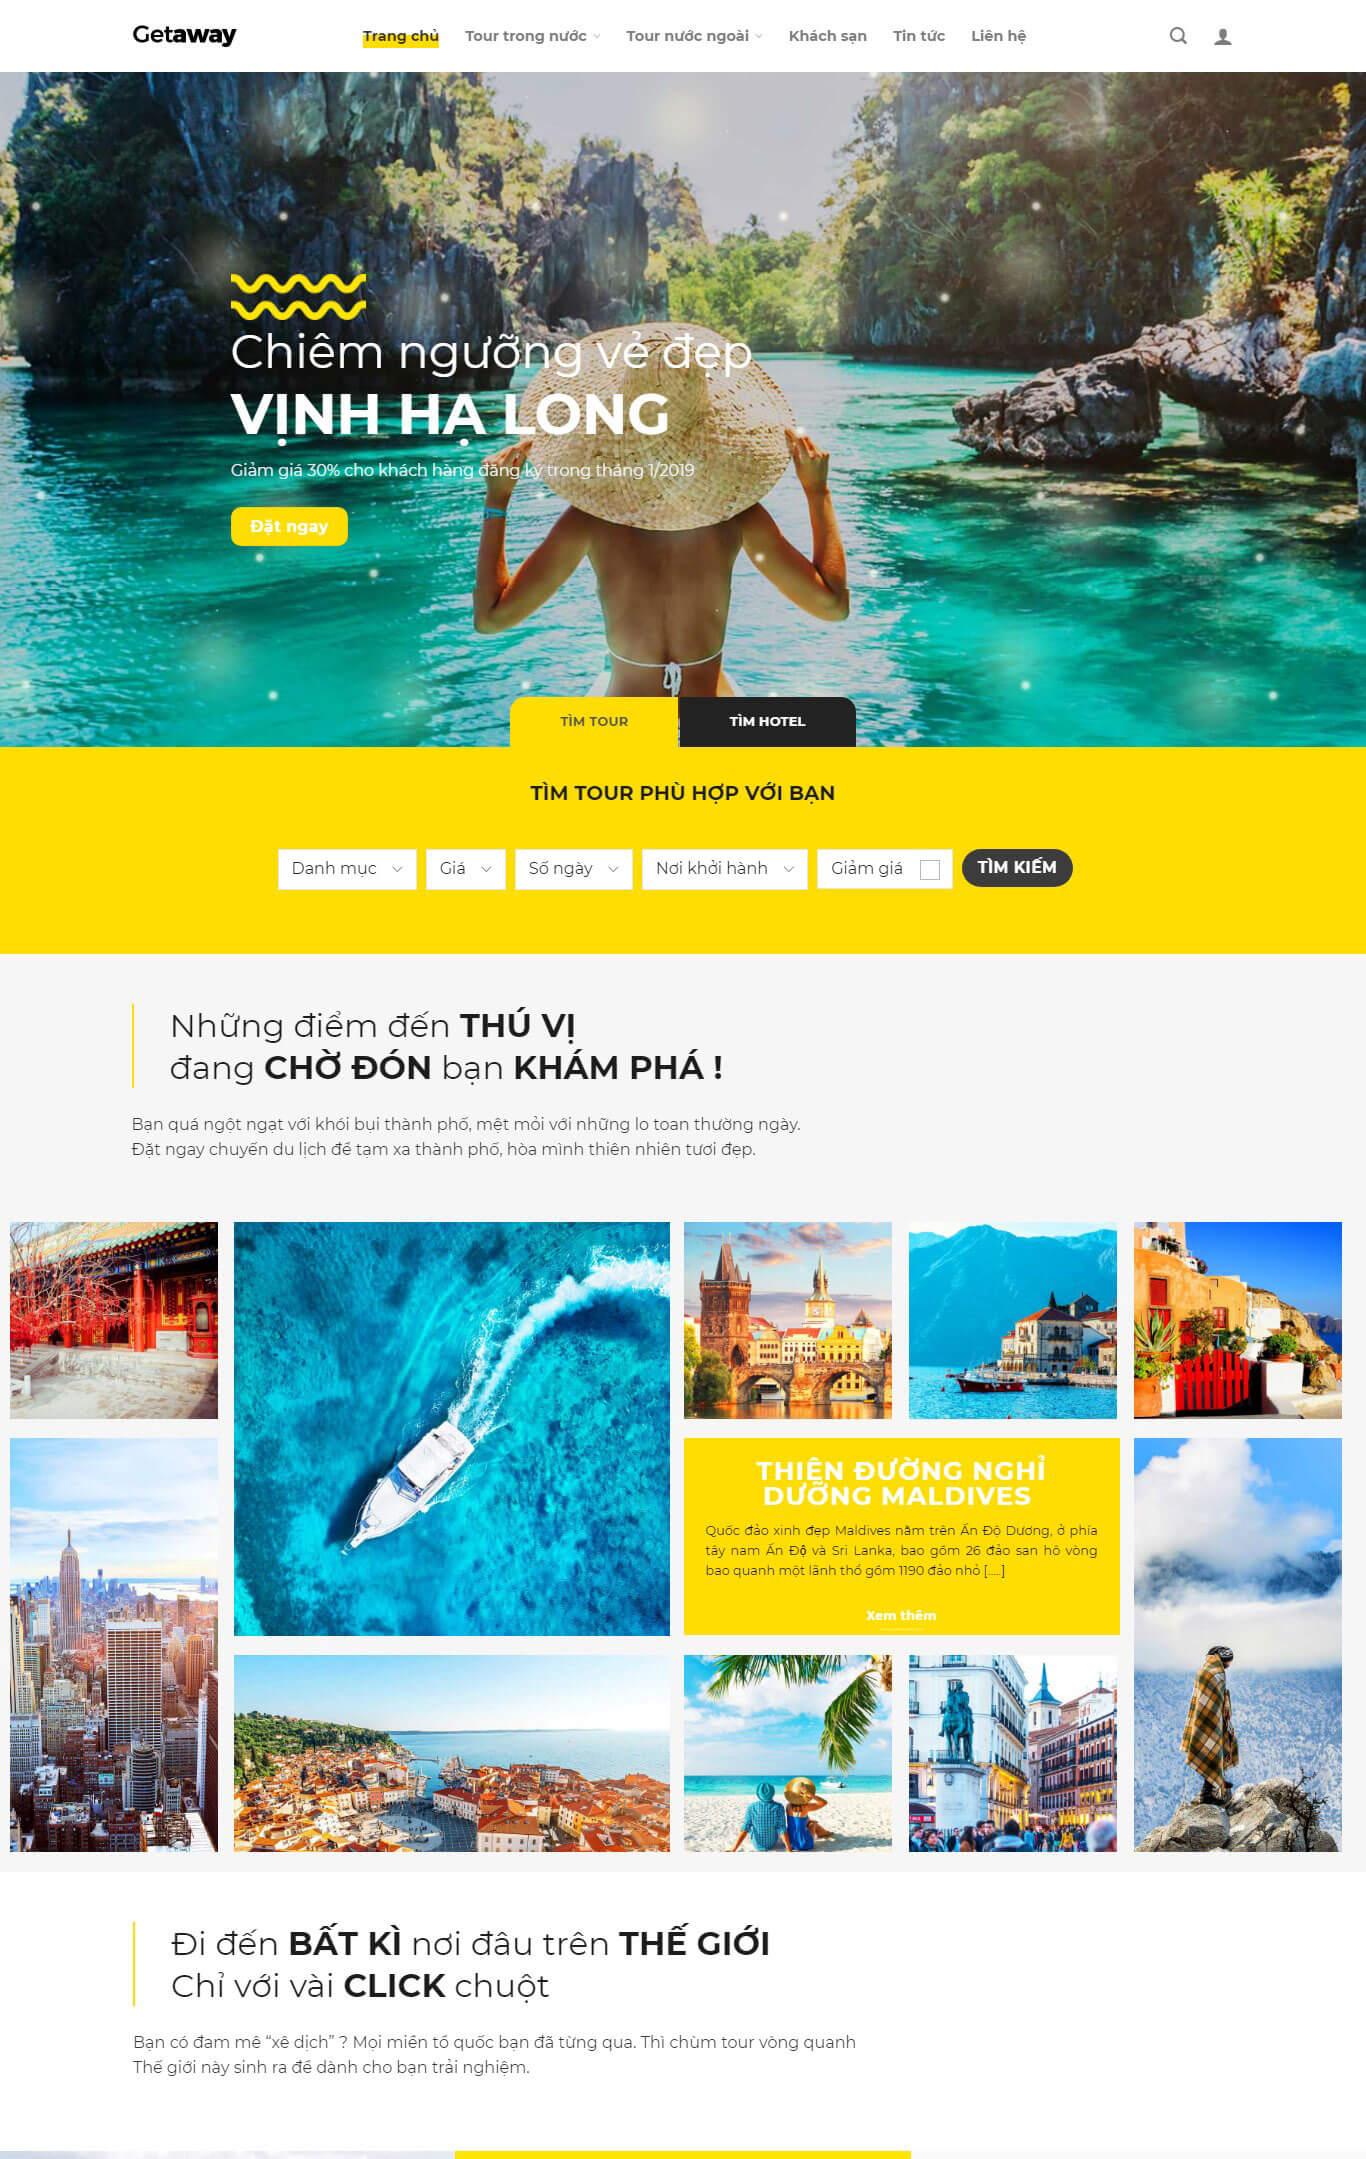 Trang chủ của website du lịch